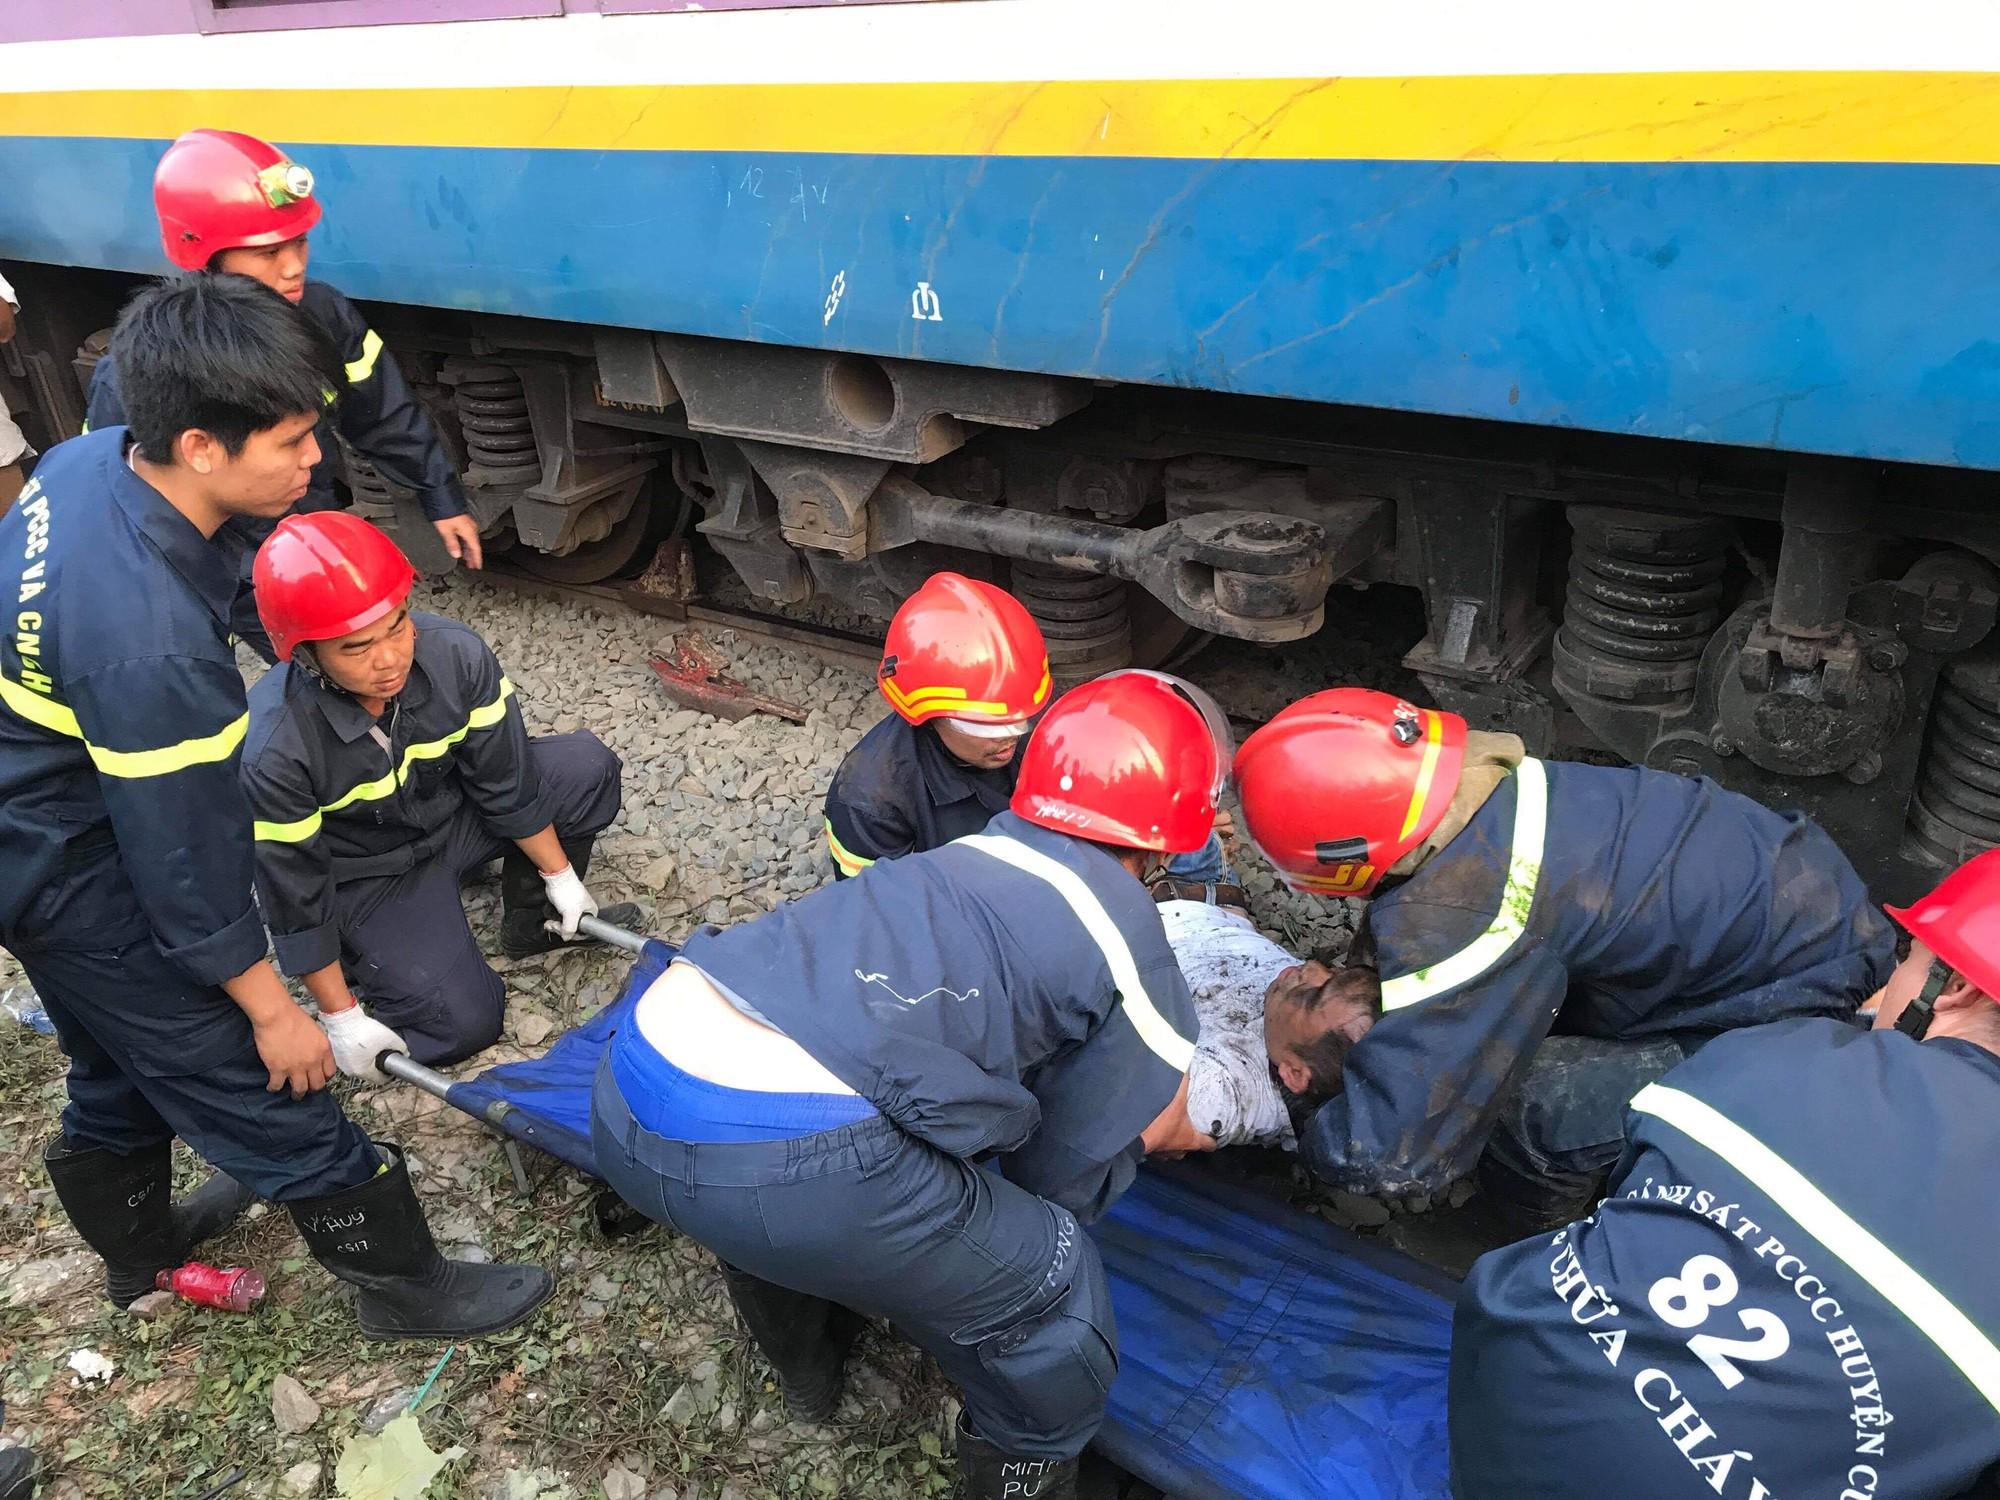 Hàng chục cảnh sát giải cứu người đàn ông mắc kẹt dưới gầm tàu hỏa - Ảnh 2.